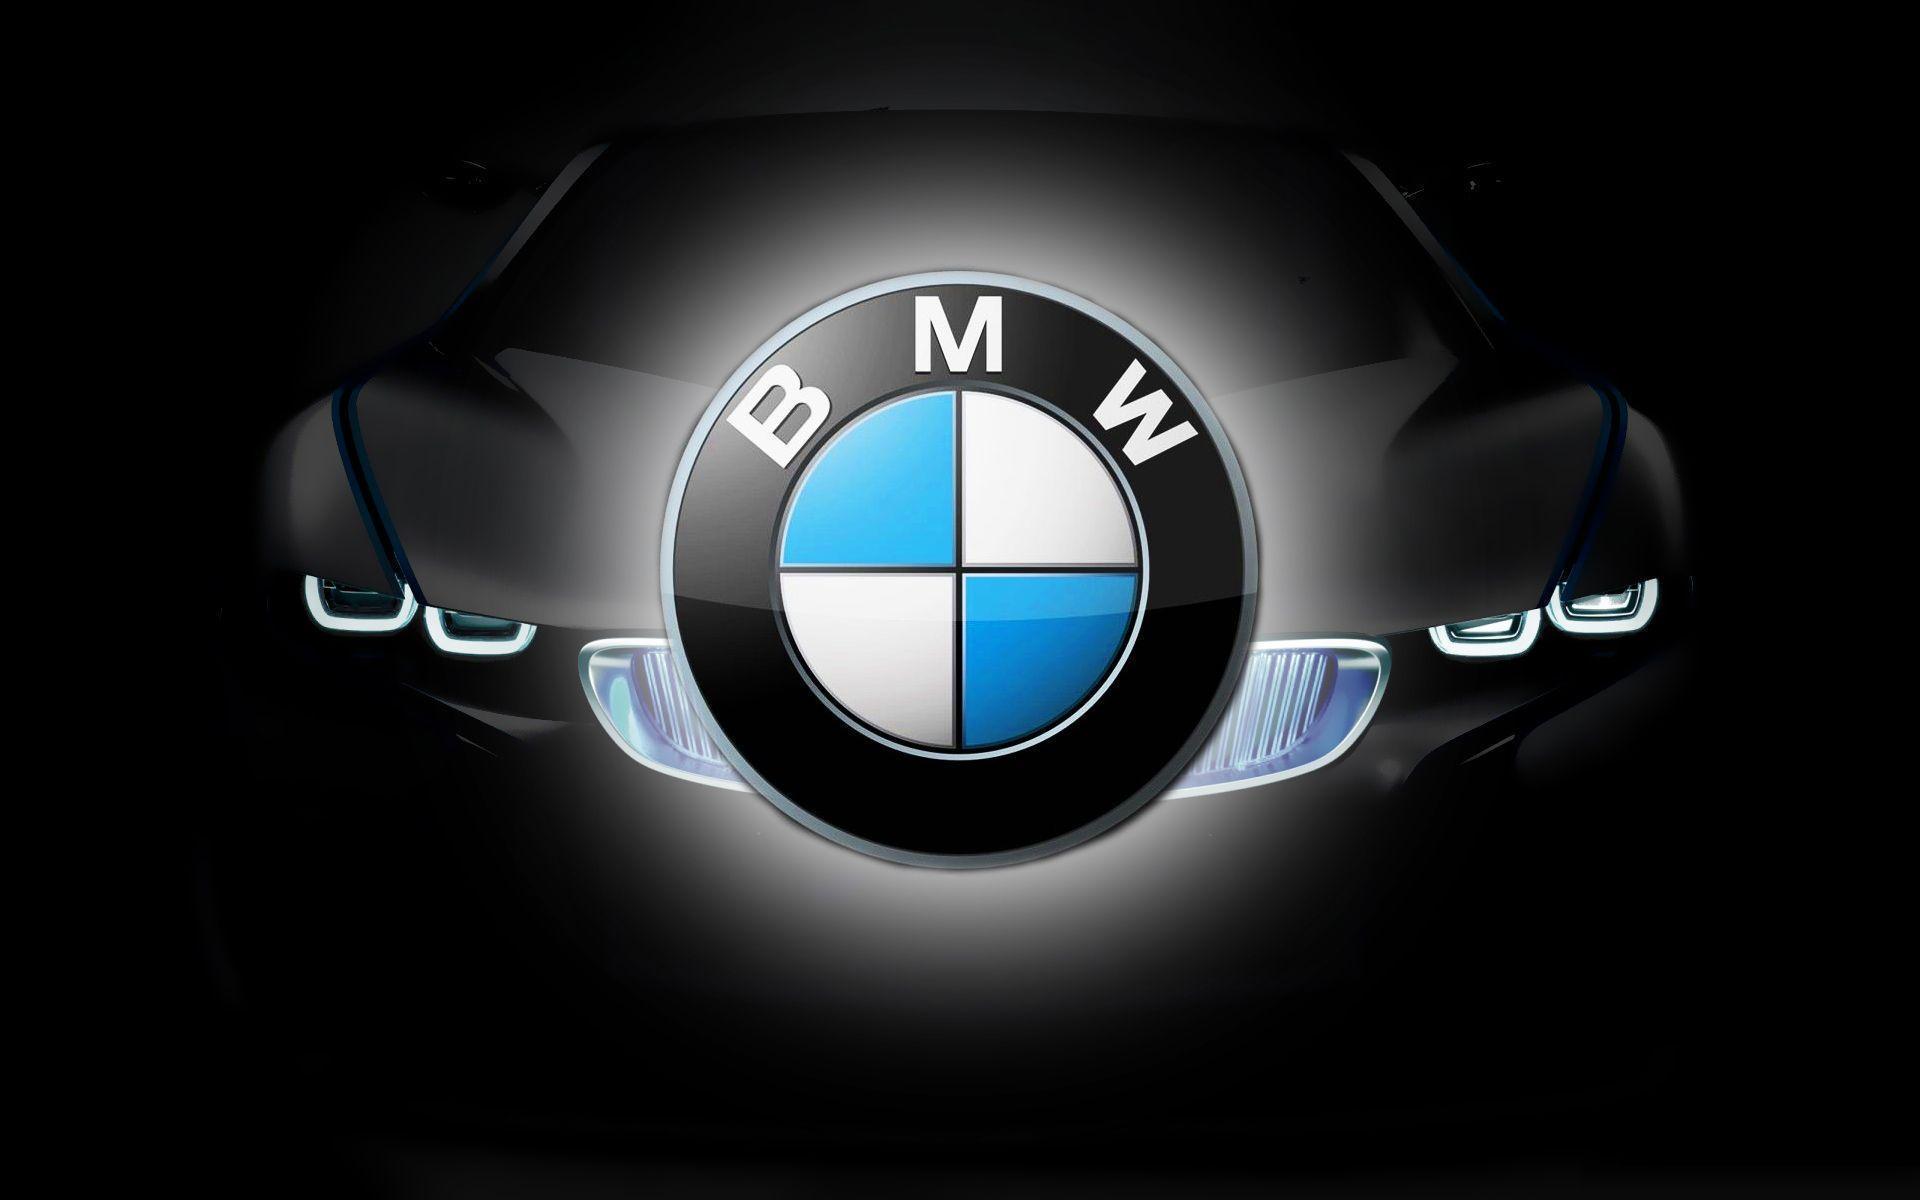 bmw car logo hd